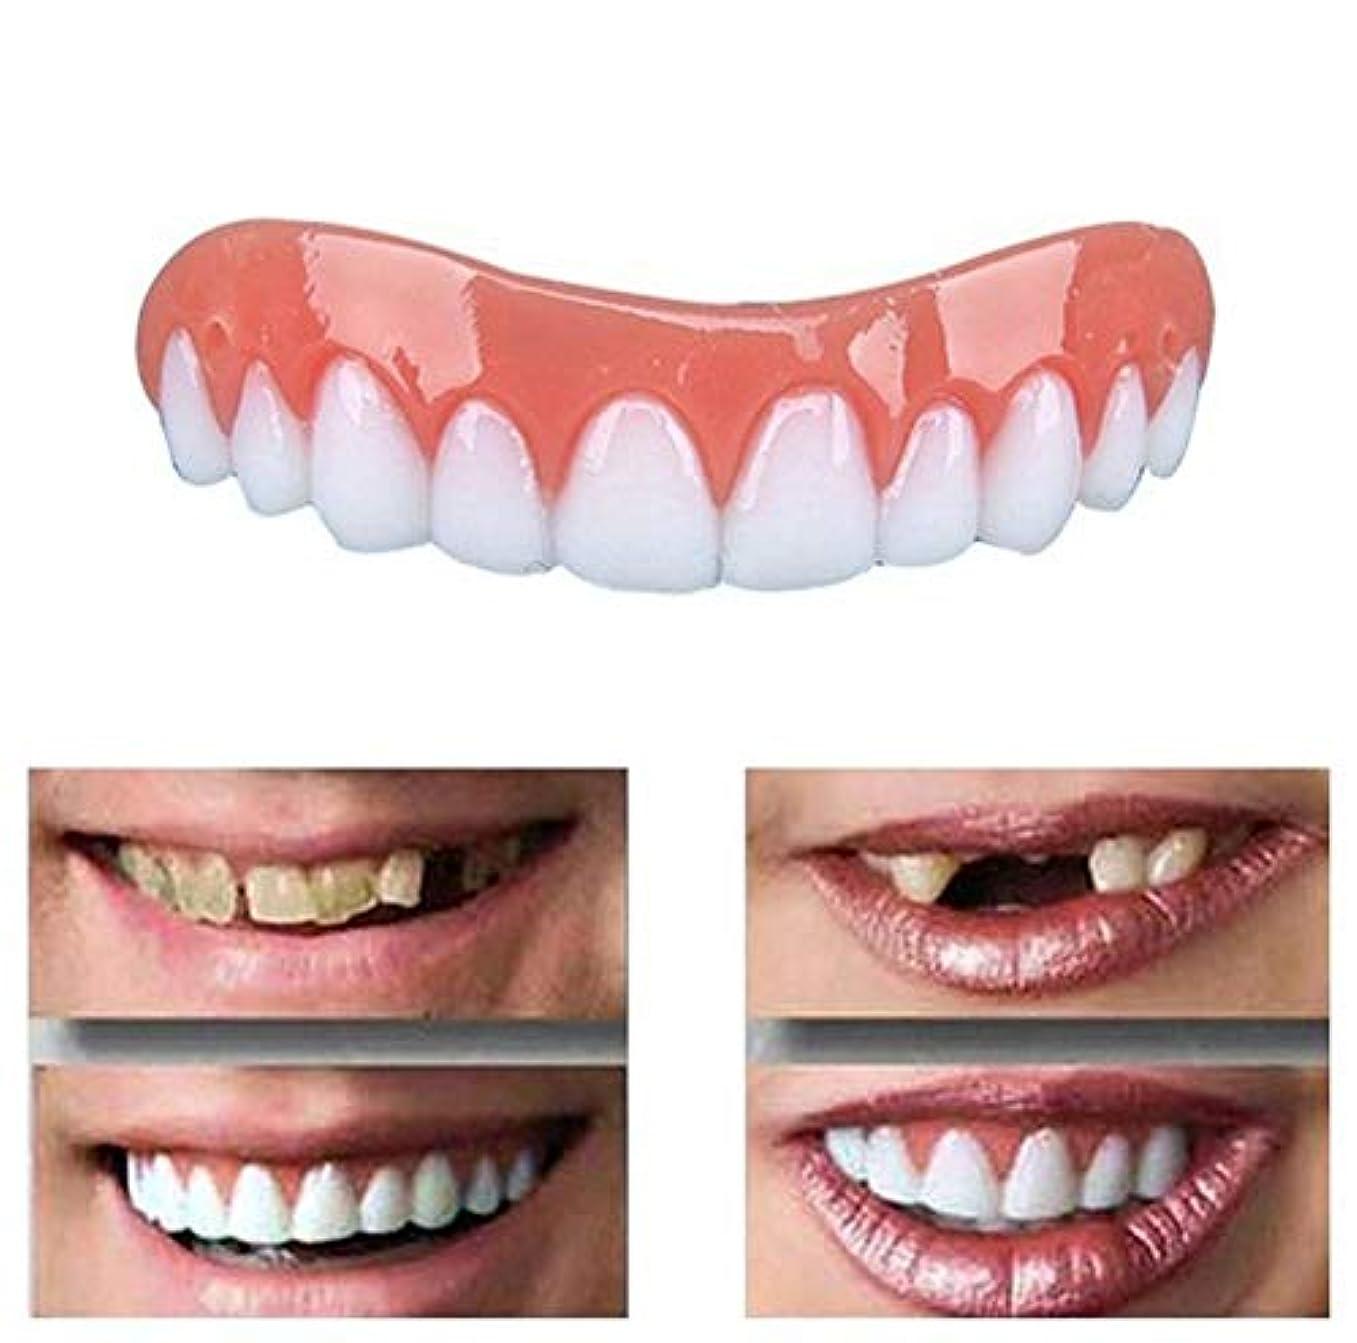 契約記念日オーバードローキットの歯セットの化粧品の上部のベニヤを白くする歯の微笑のベニヤのシリコーンの訂正